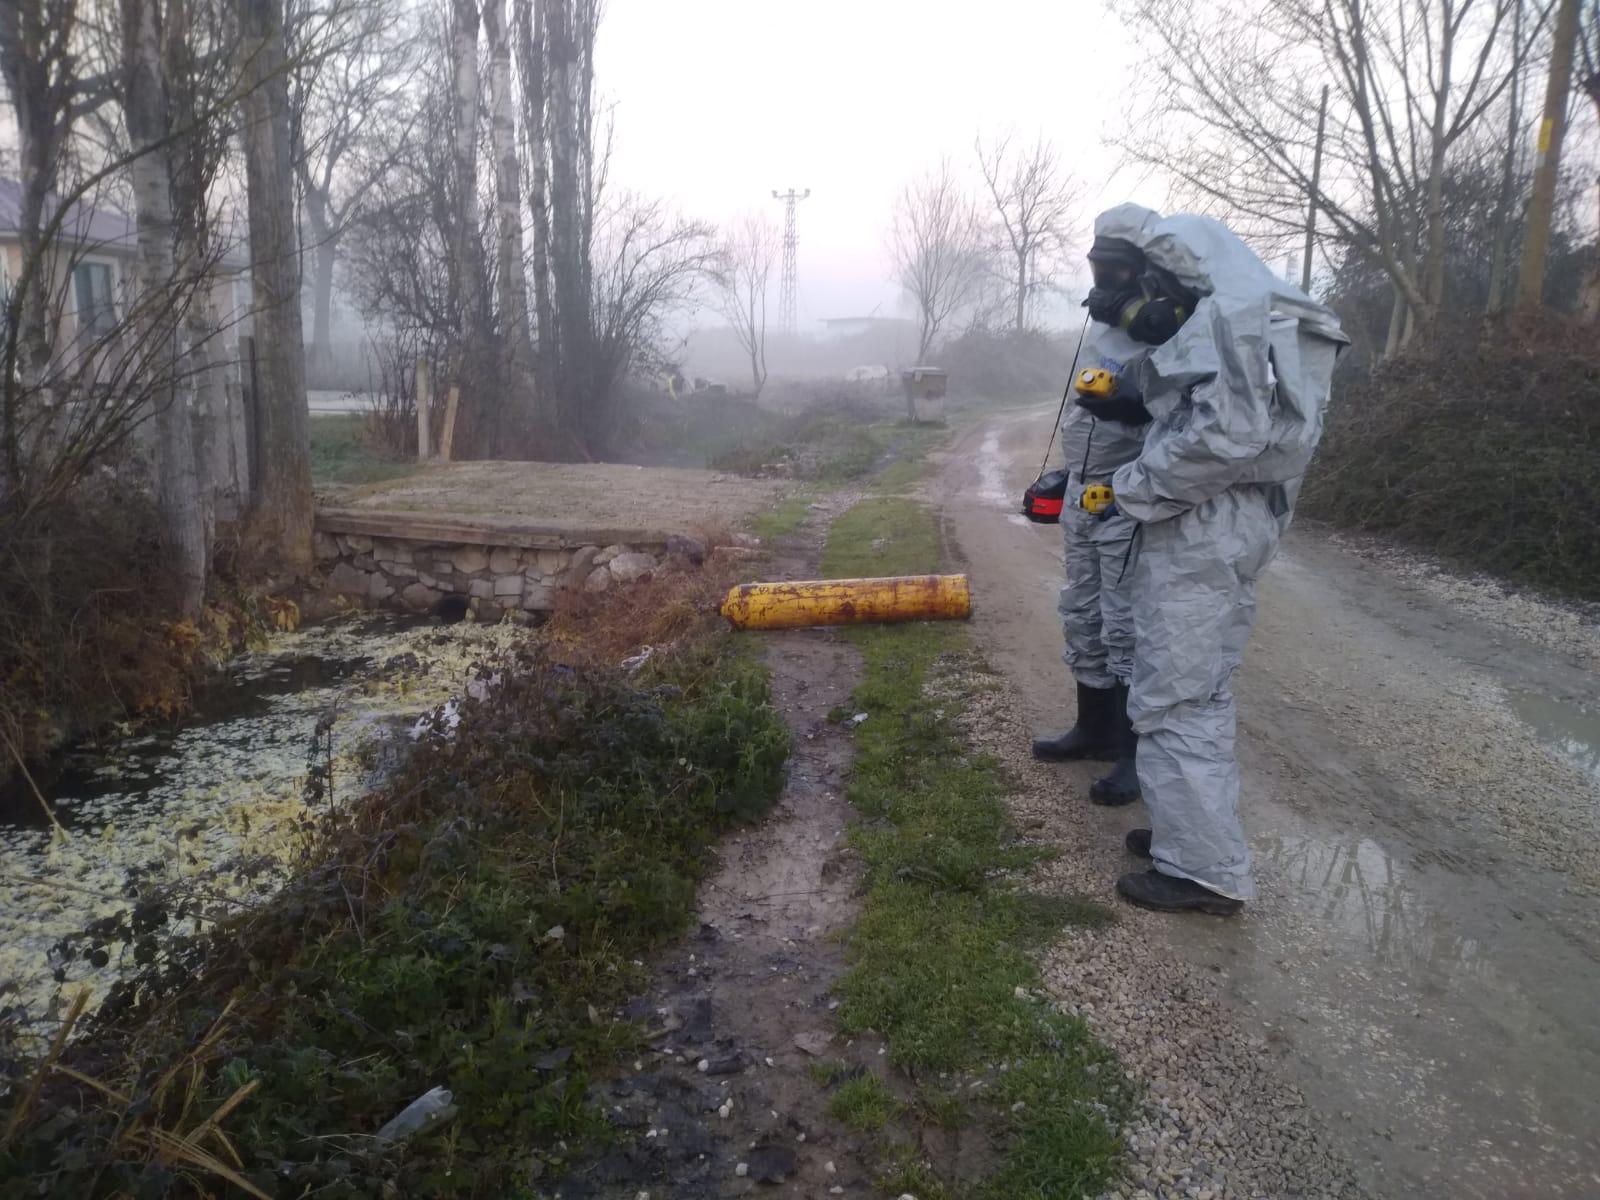 Sakarya'da Kimyasal Sızıntı Alarmı: 12 Kişi Hastaneye Kaldırıldı